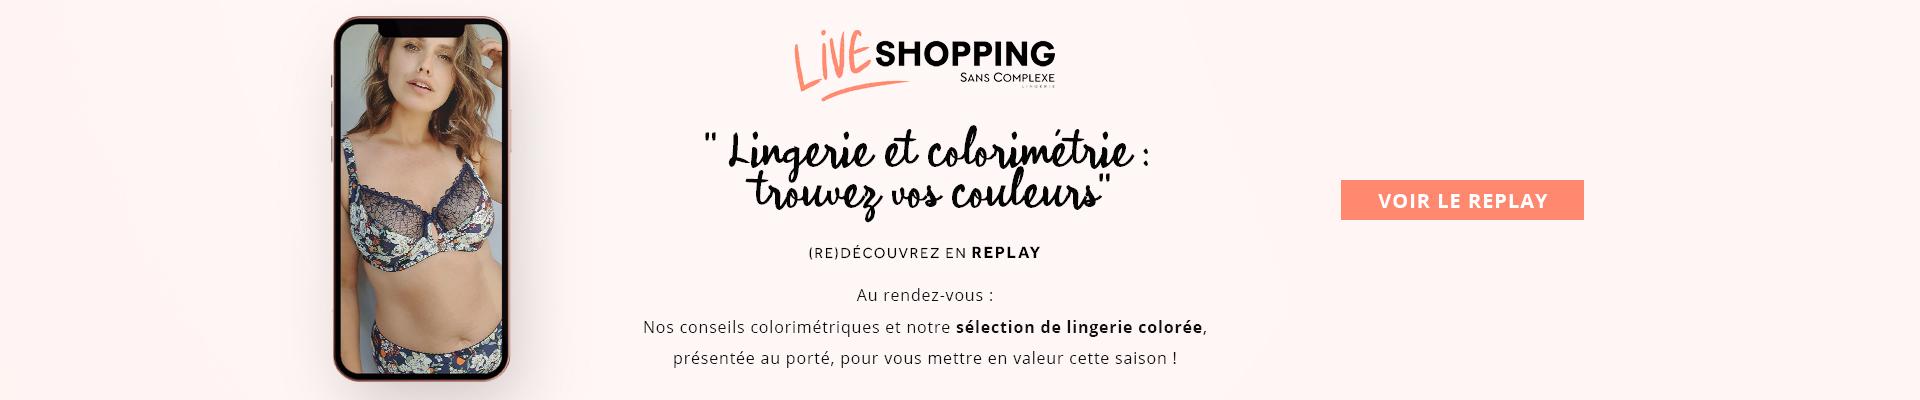 Live Shopping Sans Complexe Lingerie